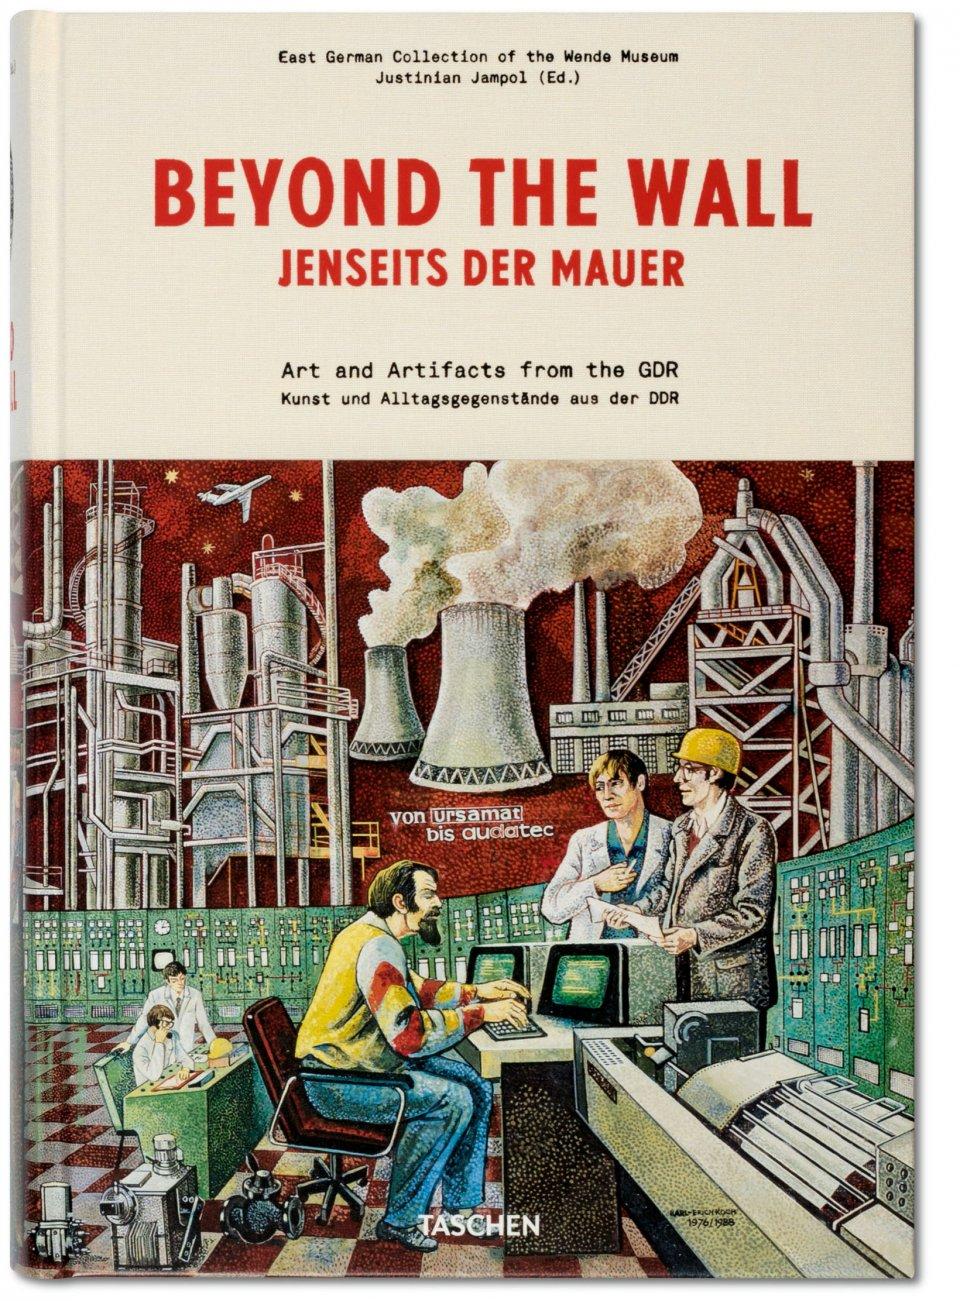 A portada do libro de Taschen